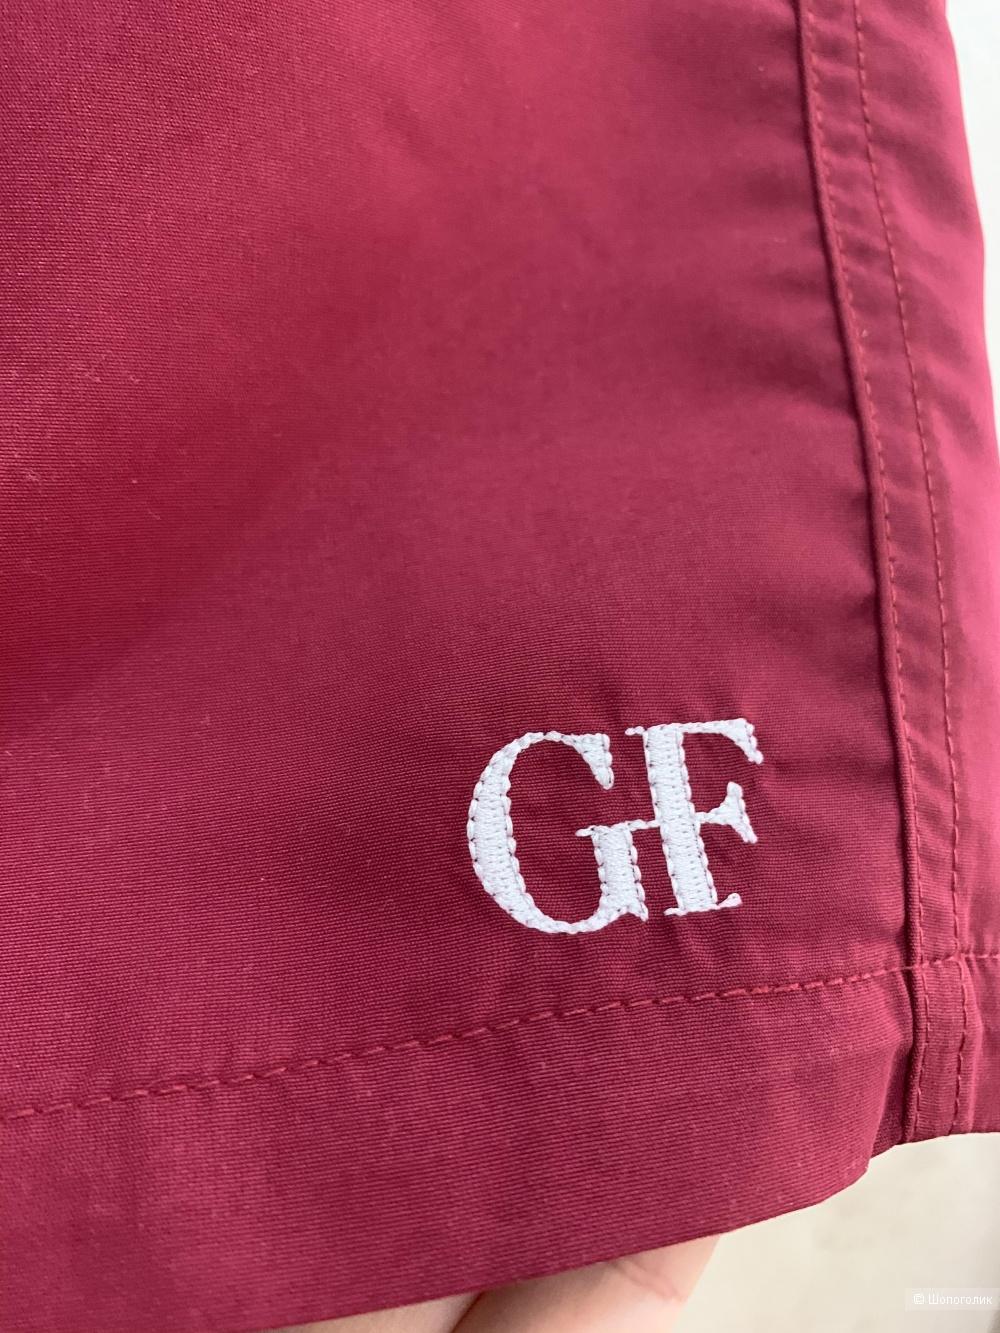 Бермуды GF FERRE beachwear, размер м